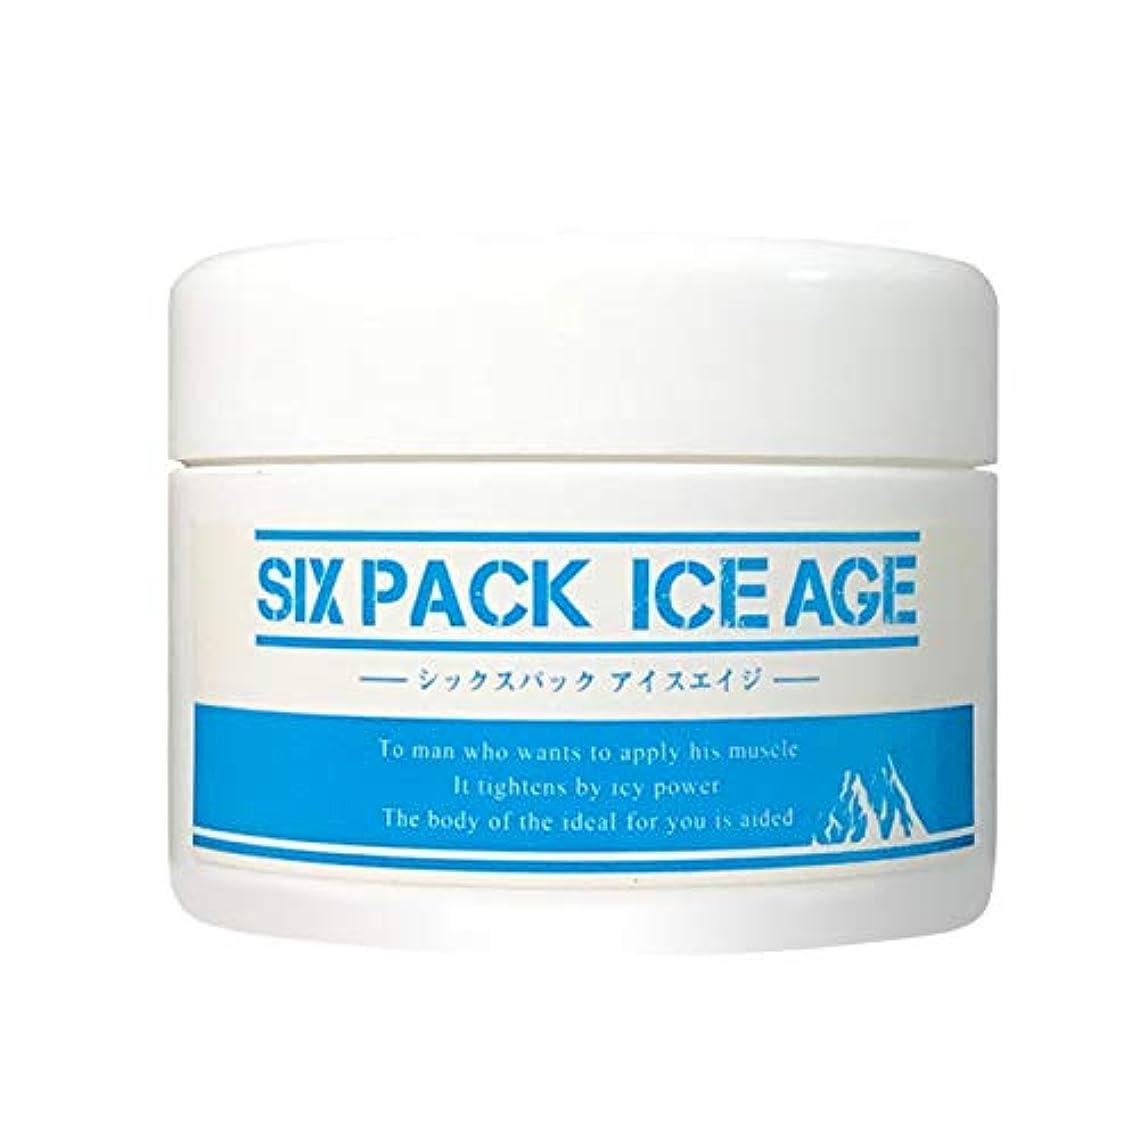 無能狂乱繊維SIX PACK ICE AGE (シックスパックアイスエイジ) 冷却 マッサージクリーム (日本製) クール素材 シックスパックアイスエイジ (内容量200g)